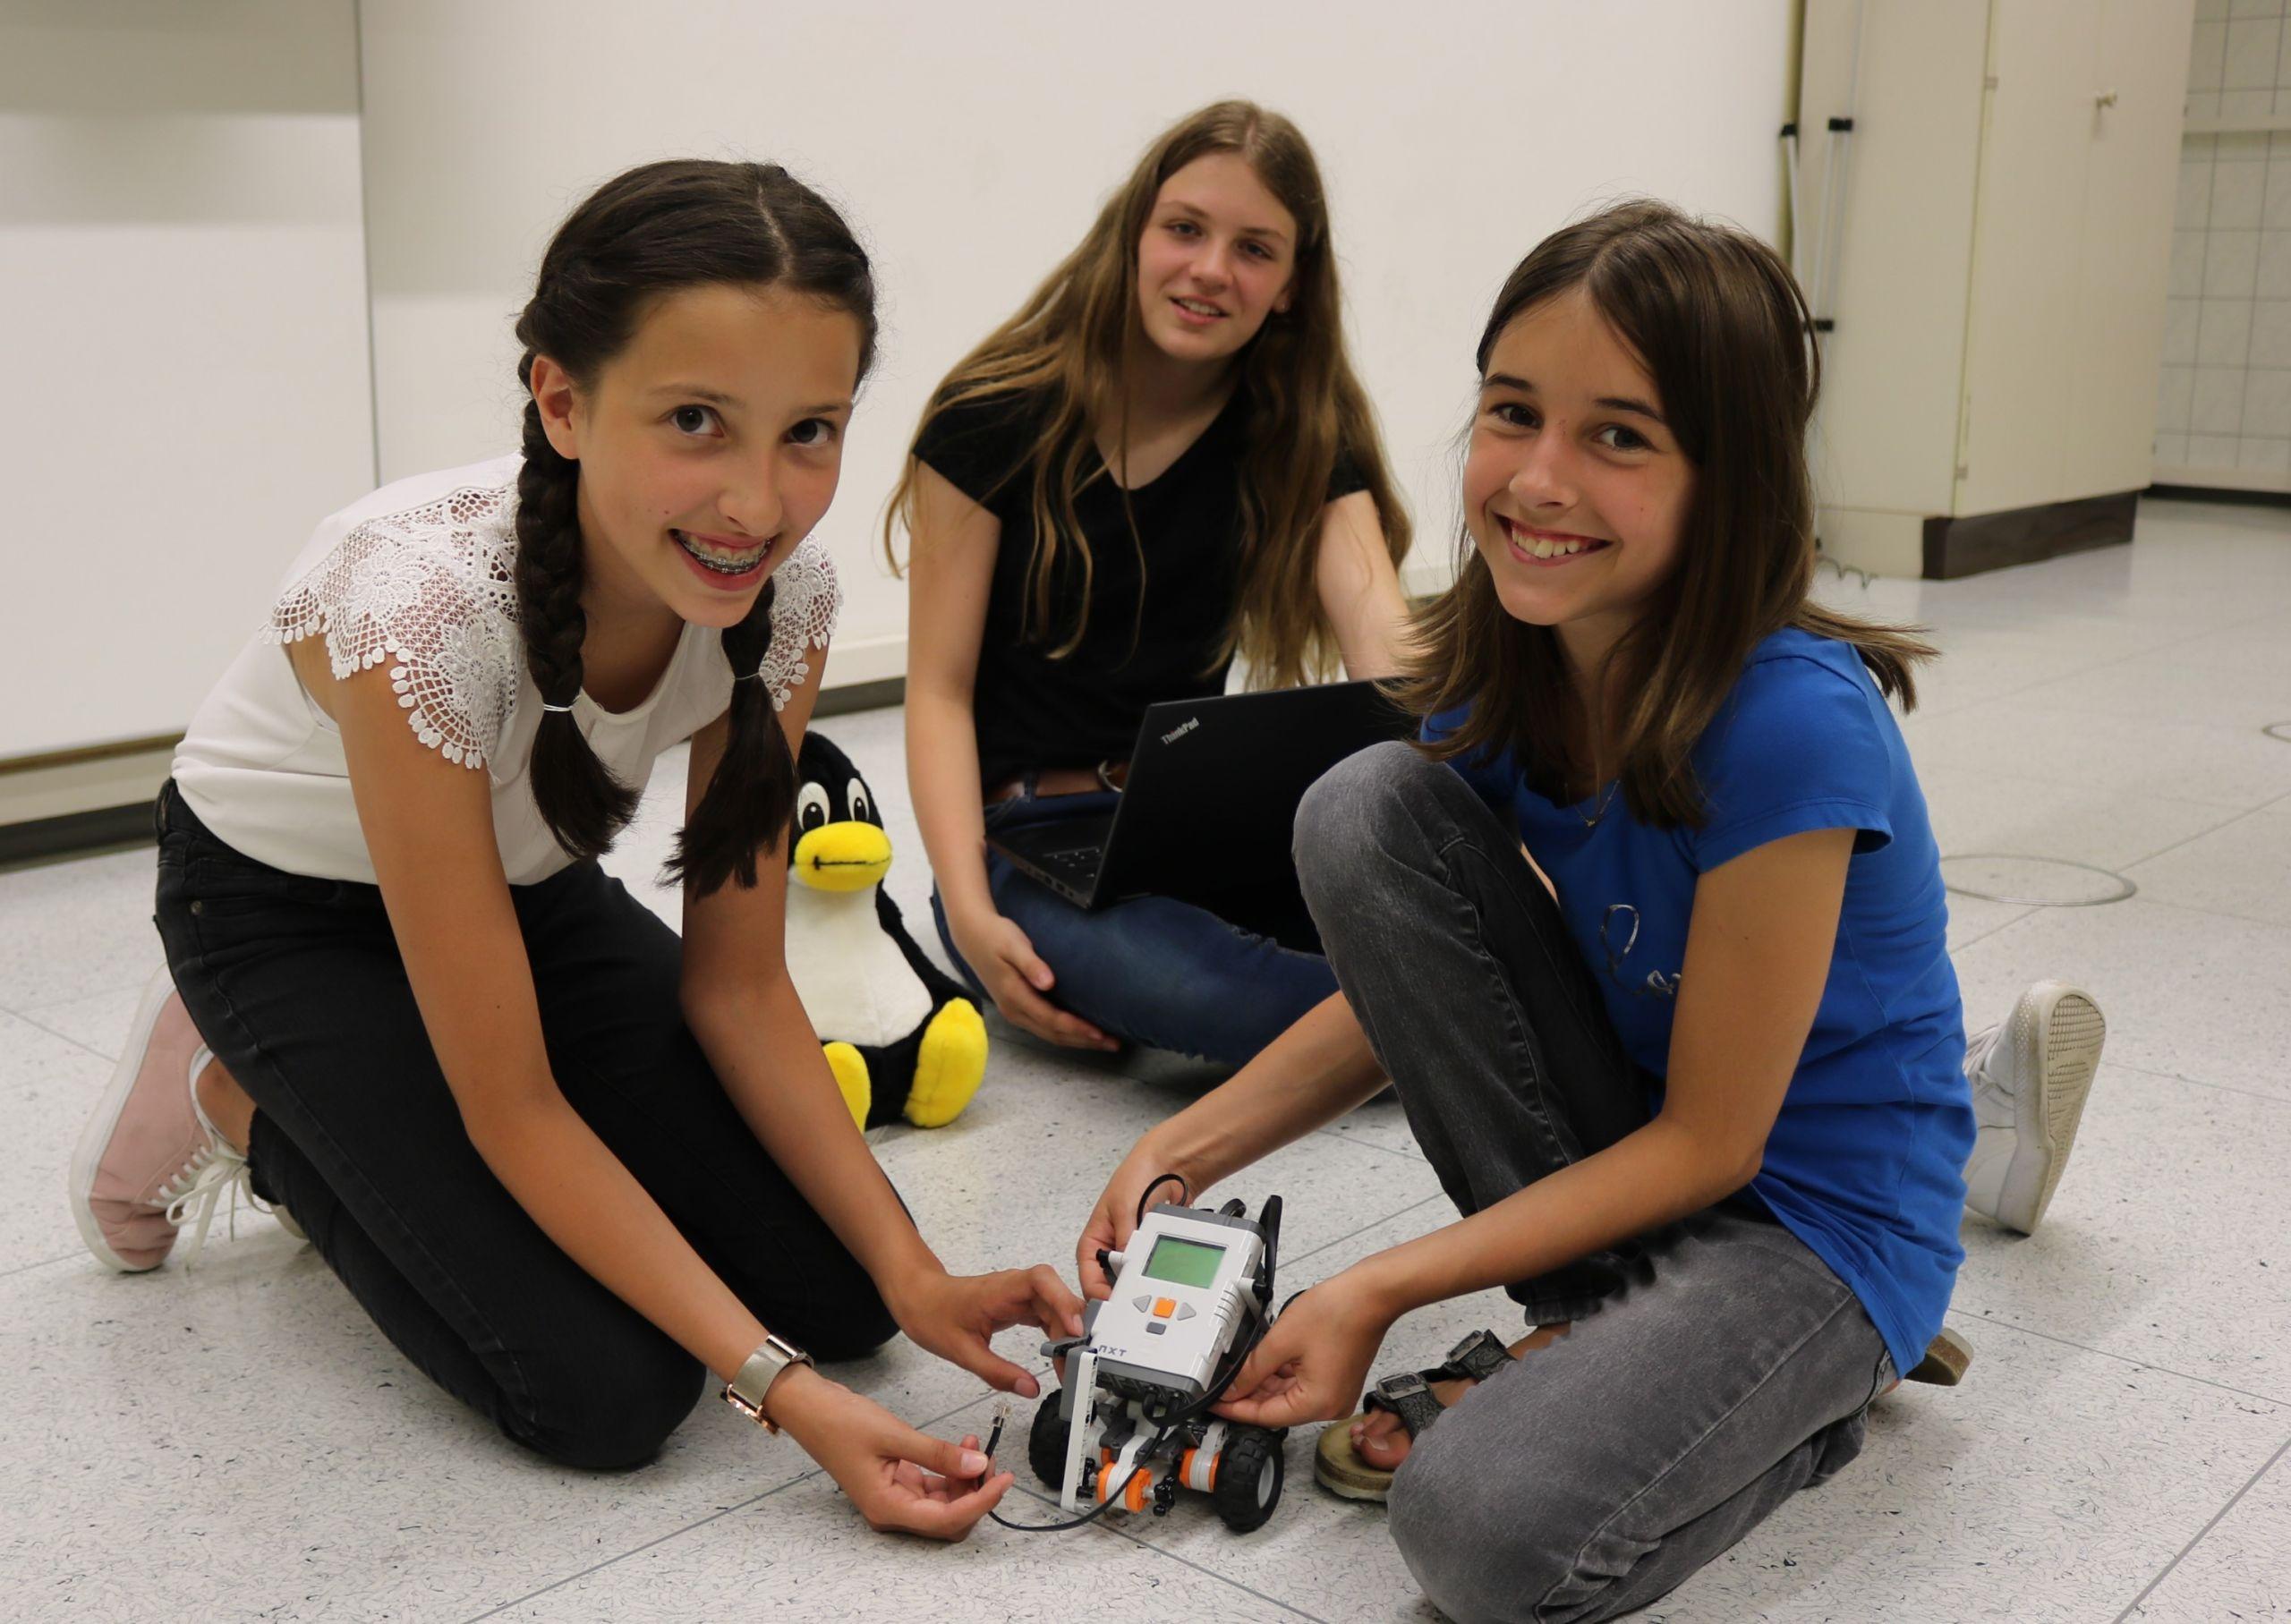 UnterstufenschülerInnen mit dem Lego Mindstorm